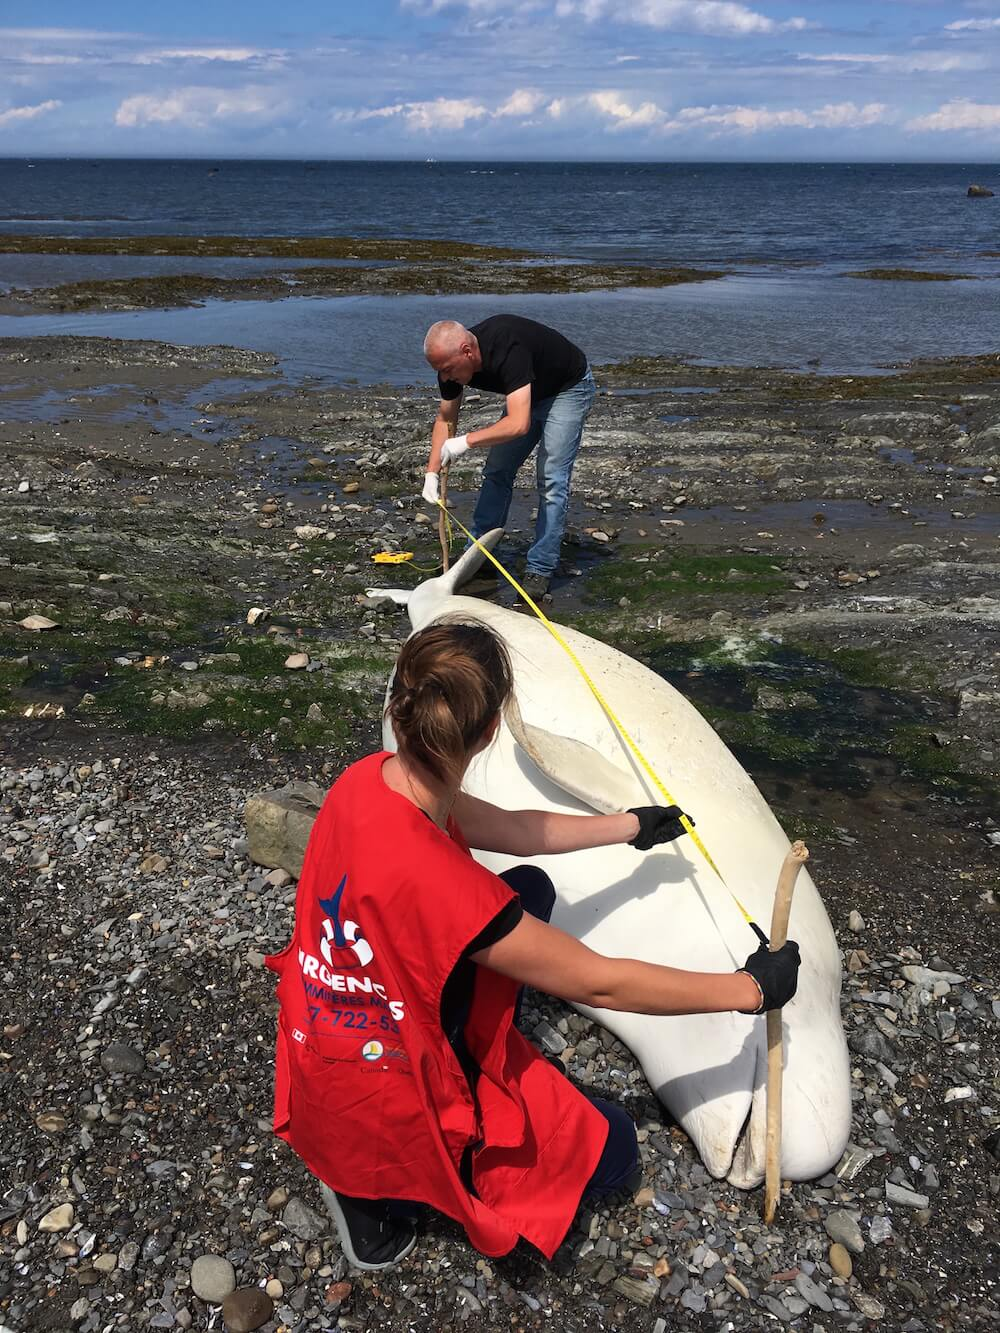 Deux bénévoles mesurant la longueur d'un bélugas échoué.